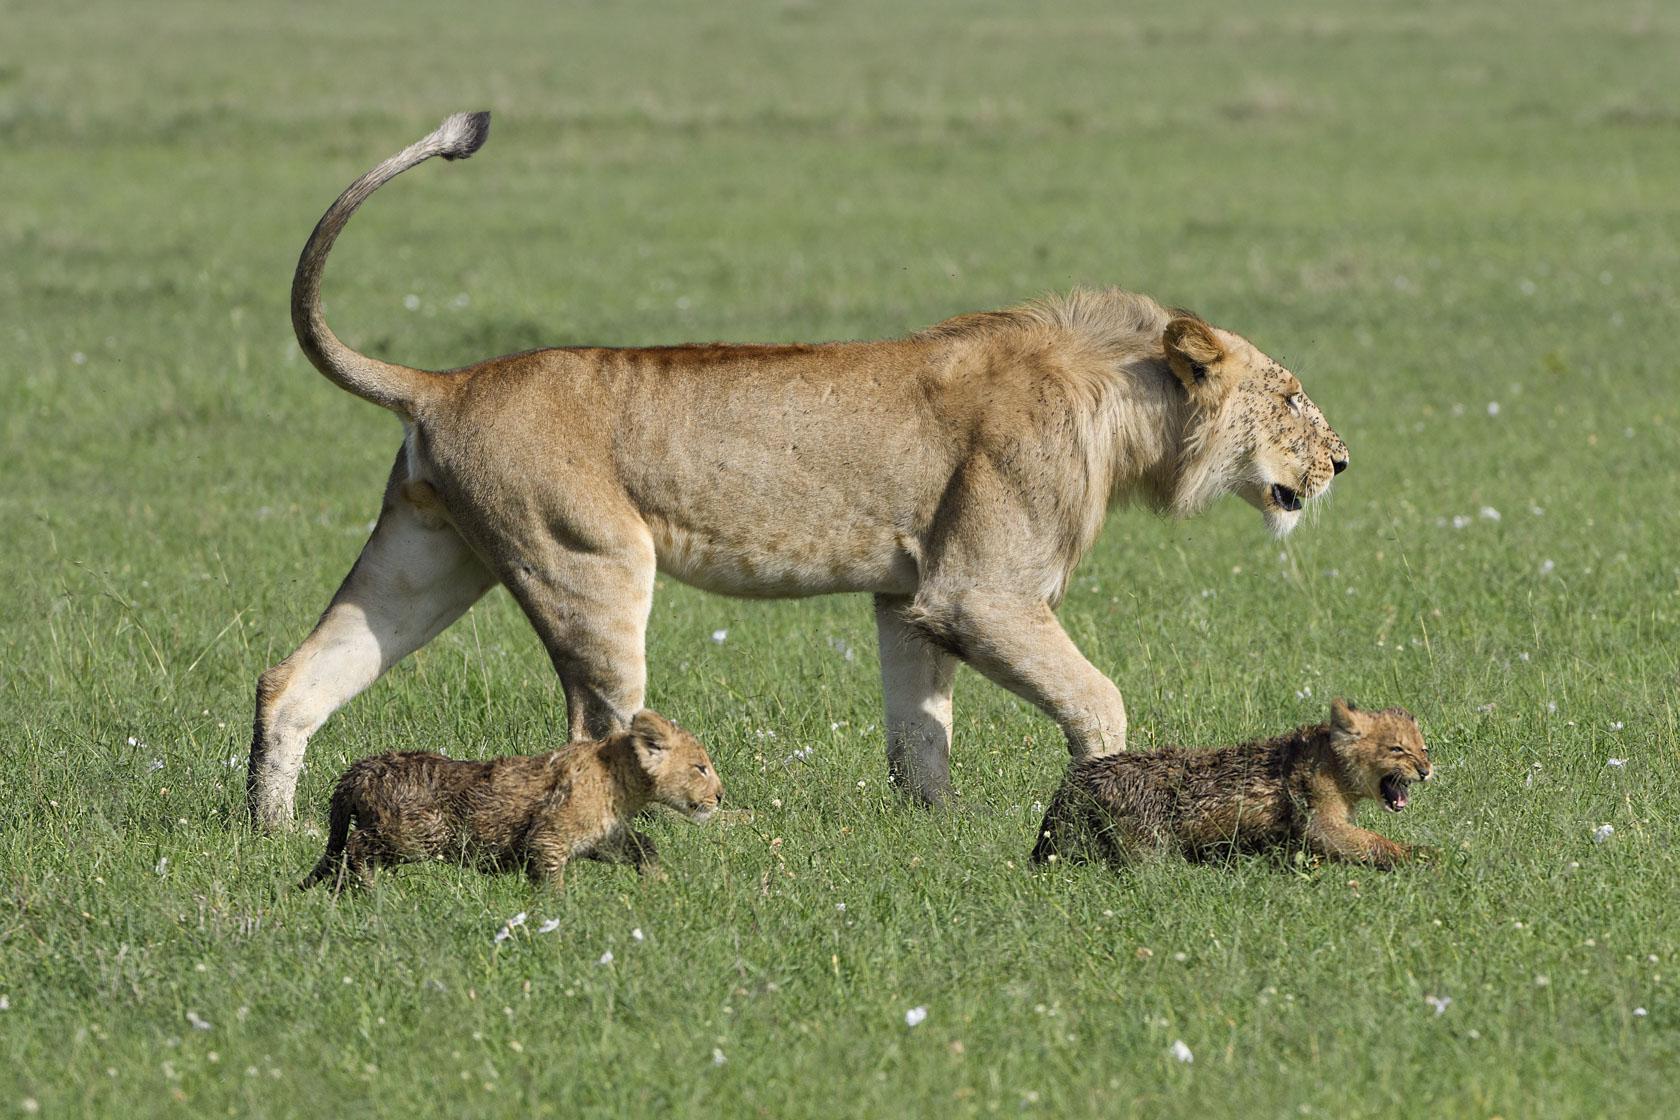 Zwei der Babys stört das aber überhaupt nicht und sie trotten dem älteren Bruder (oder Onkel) bereitwillig hinterher